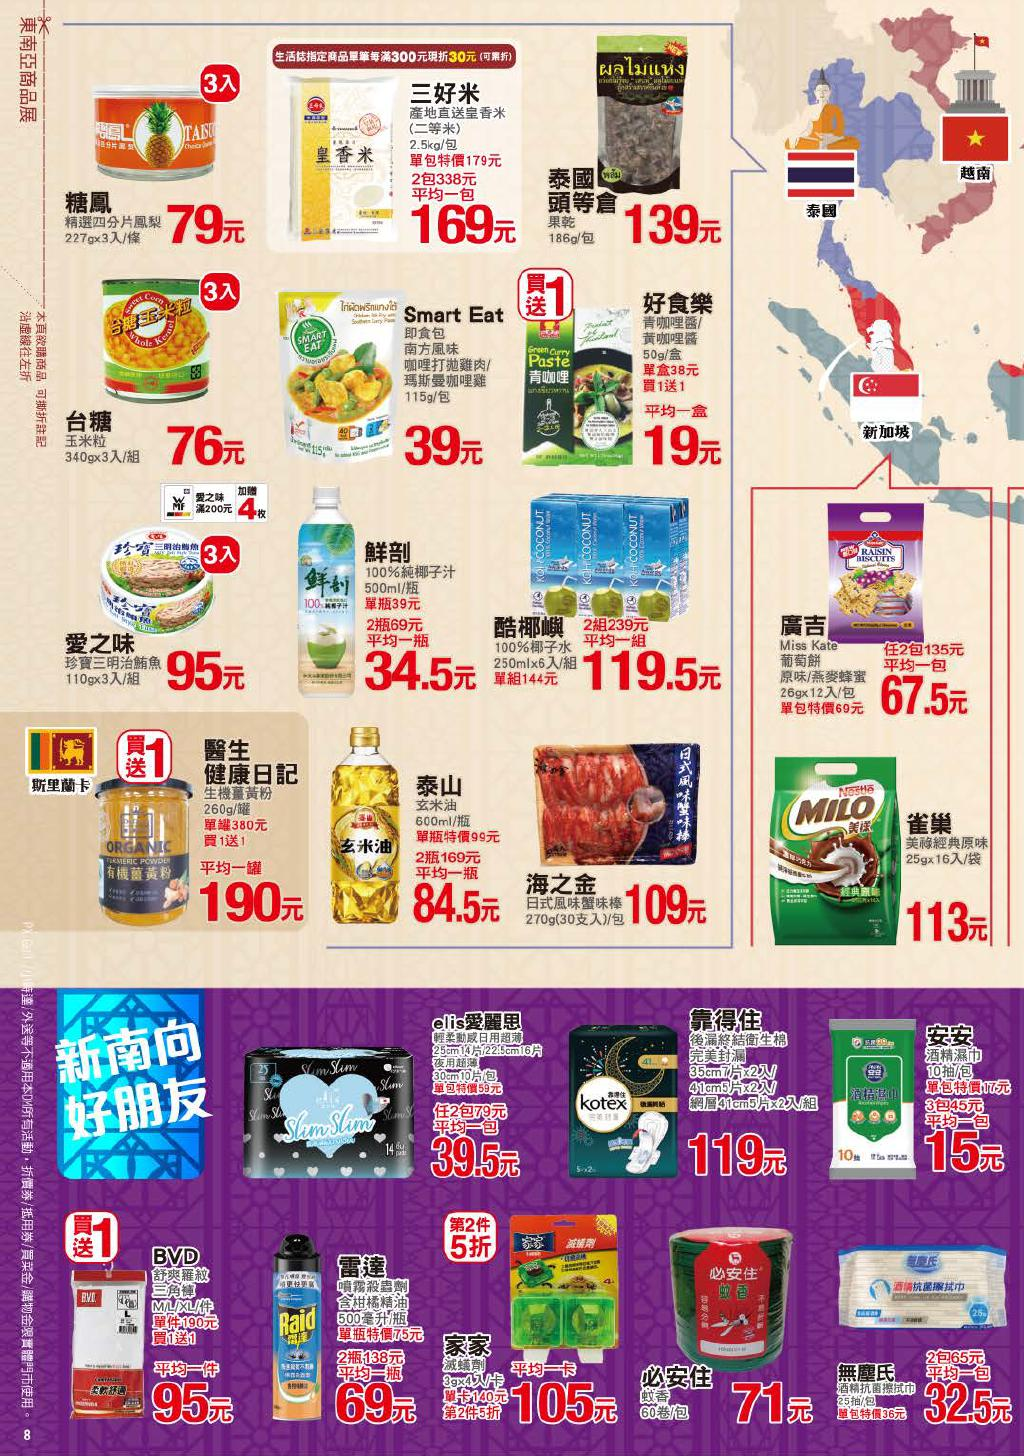 全聯福利中心 DM【2021/4/8 止】全聯生活誌》東南亞商品展